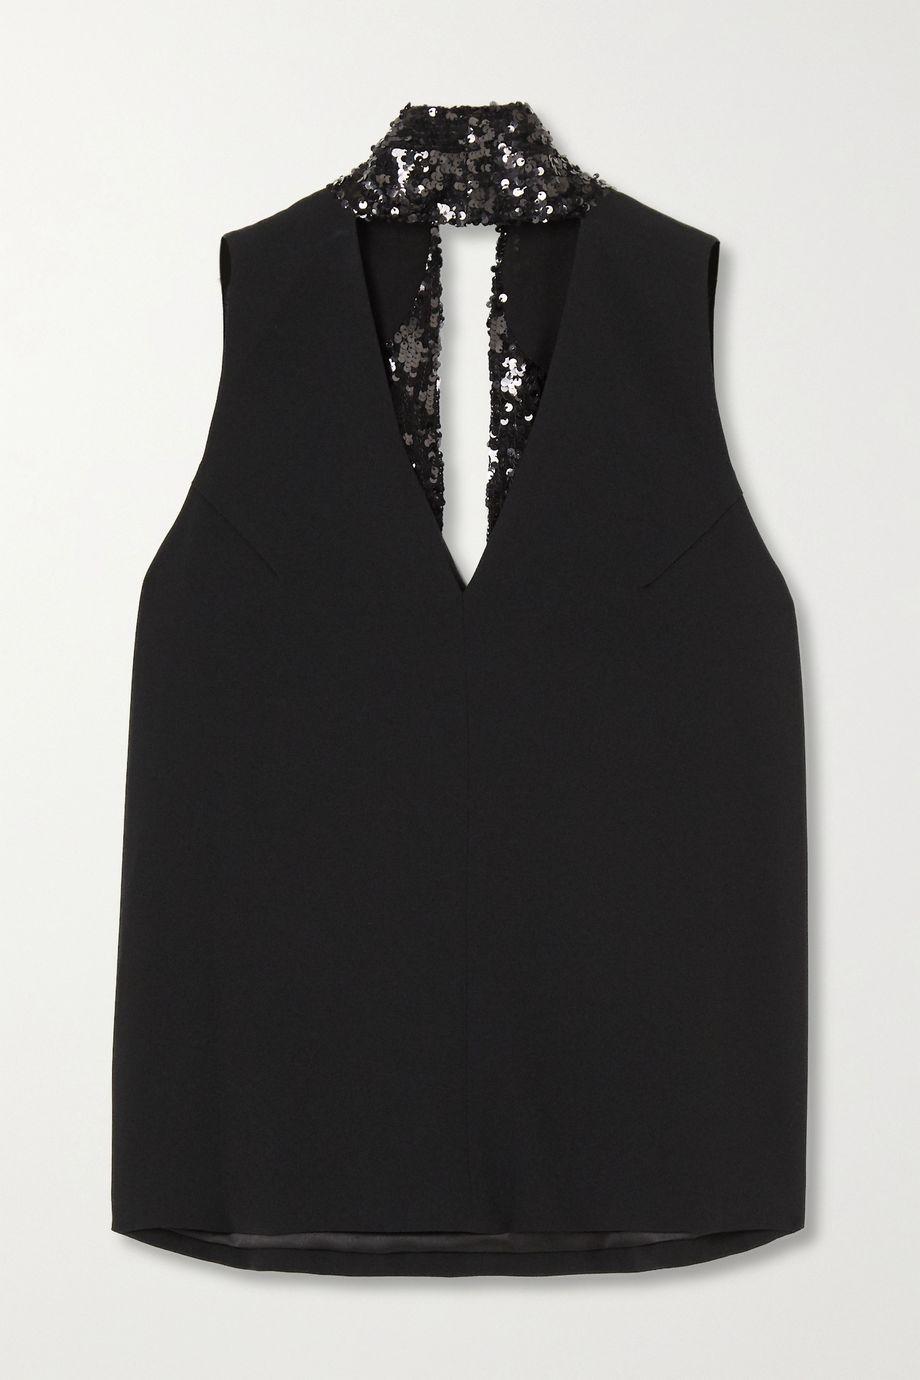 Galvan Tie-detailed sequin-embellished crepe top